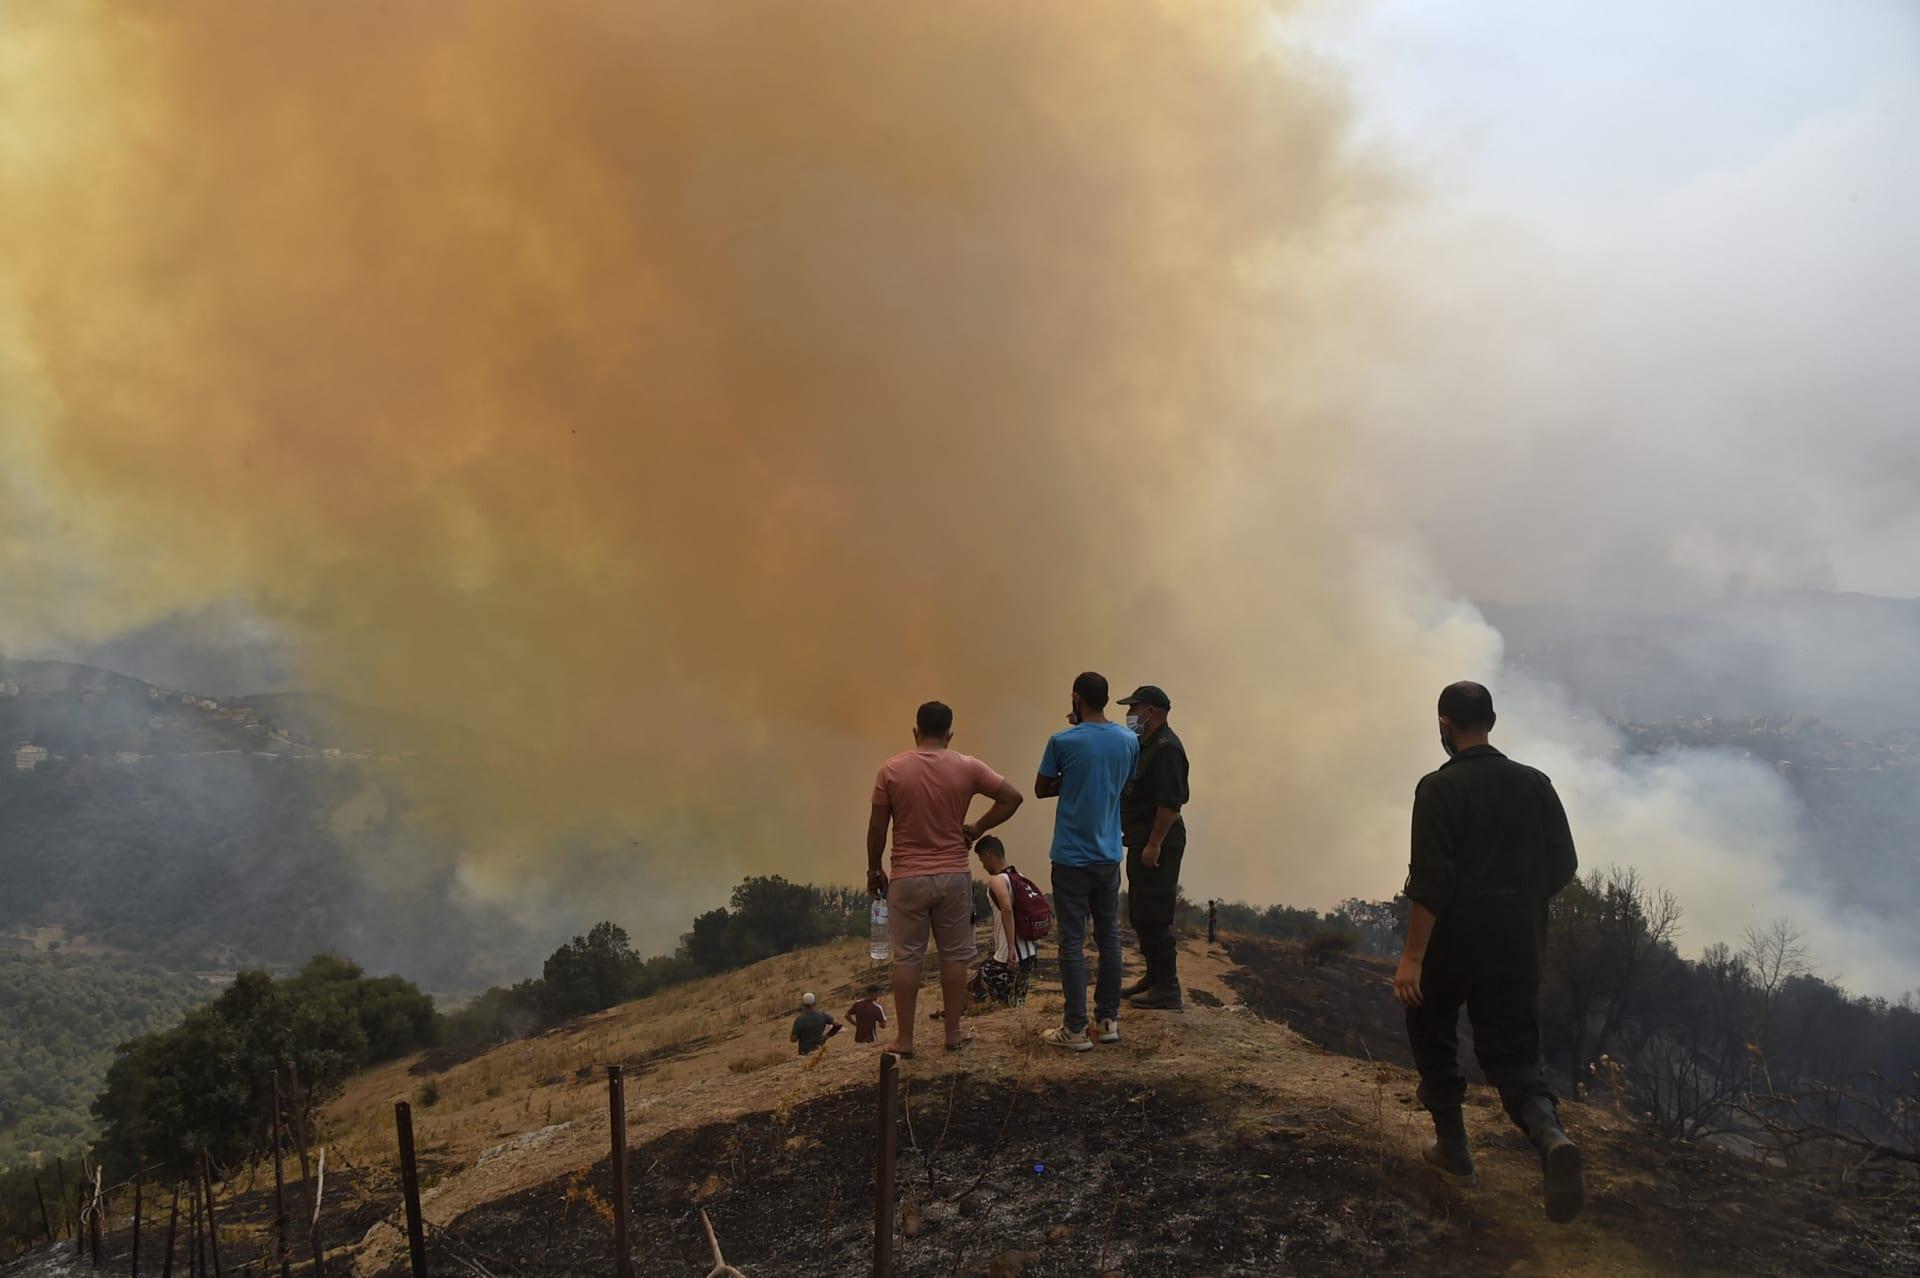 رئيس الجزائر يعلن القبض على 22 شخصًا مشتبه بهم في إشعال حرائق الغابات